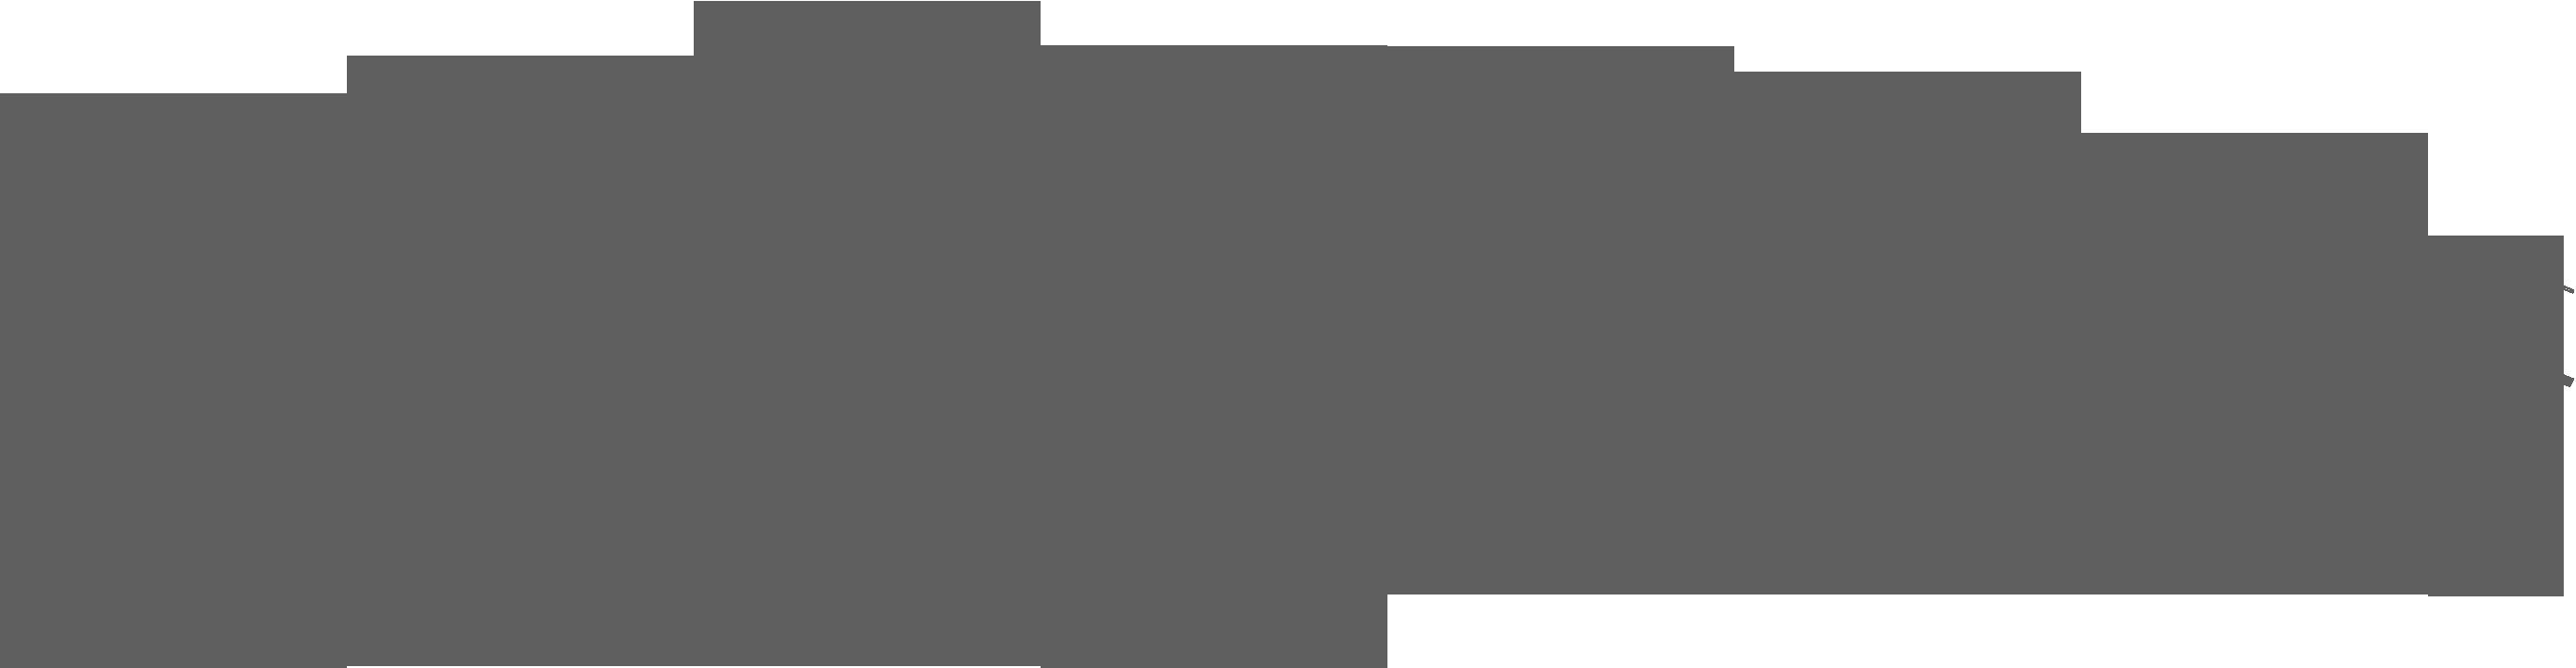 LACOST-Capriata-reticolare-curva-particolare